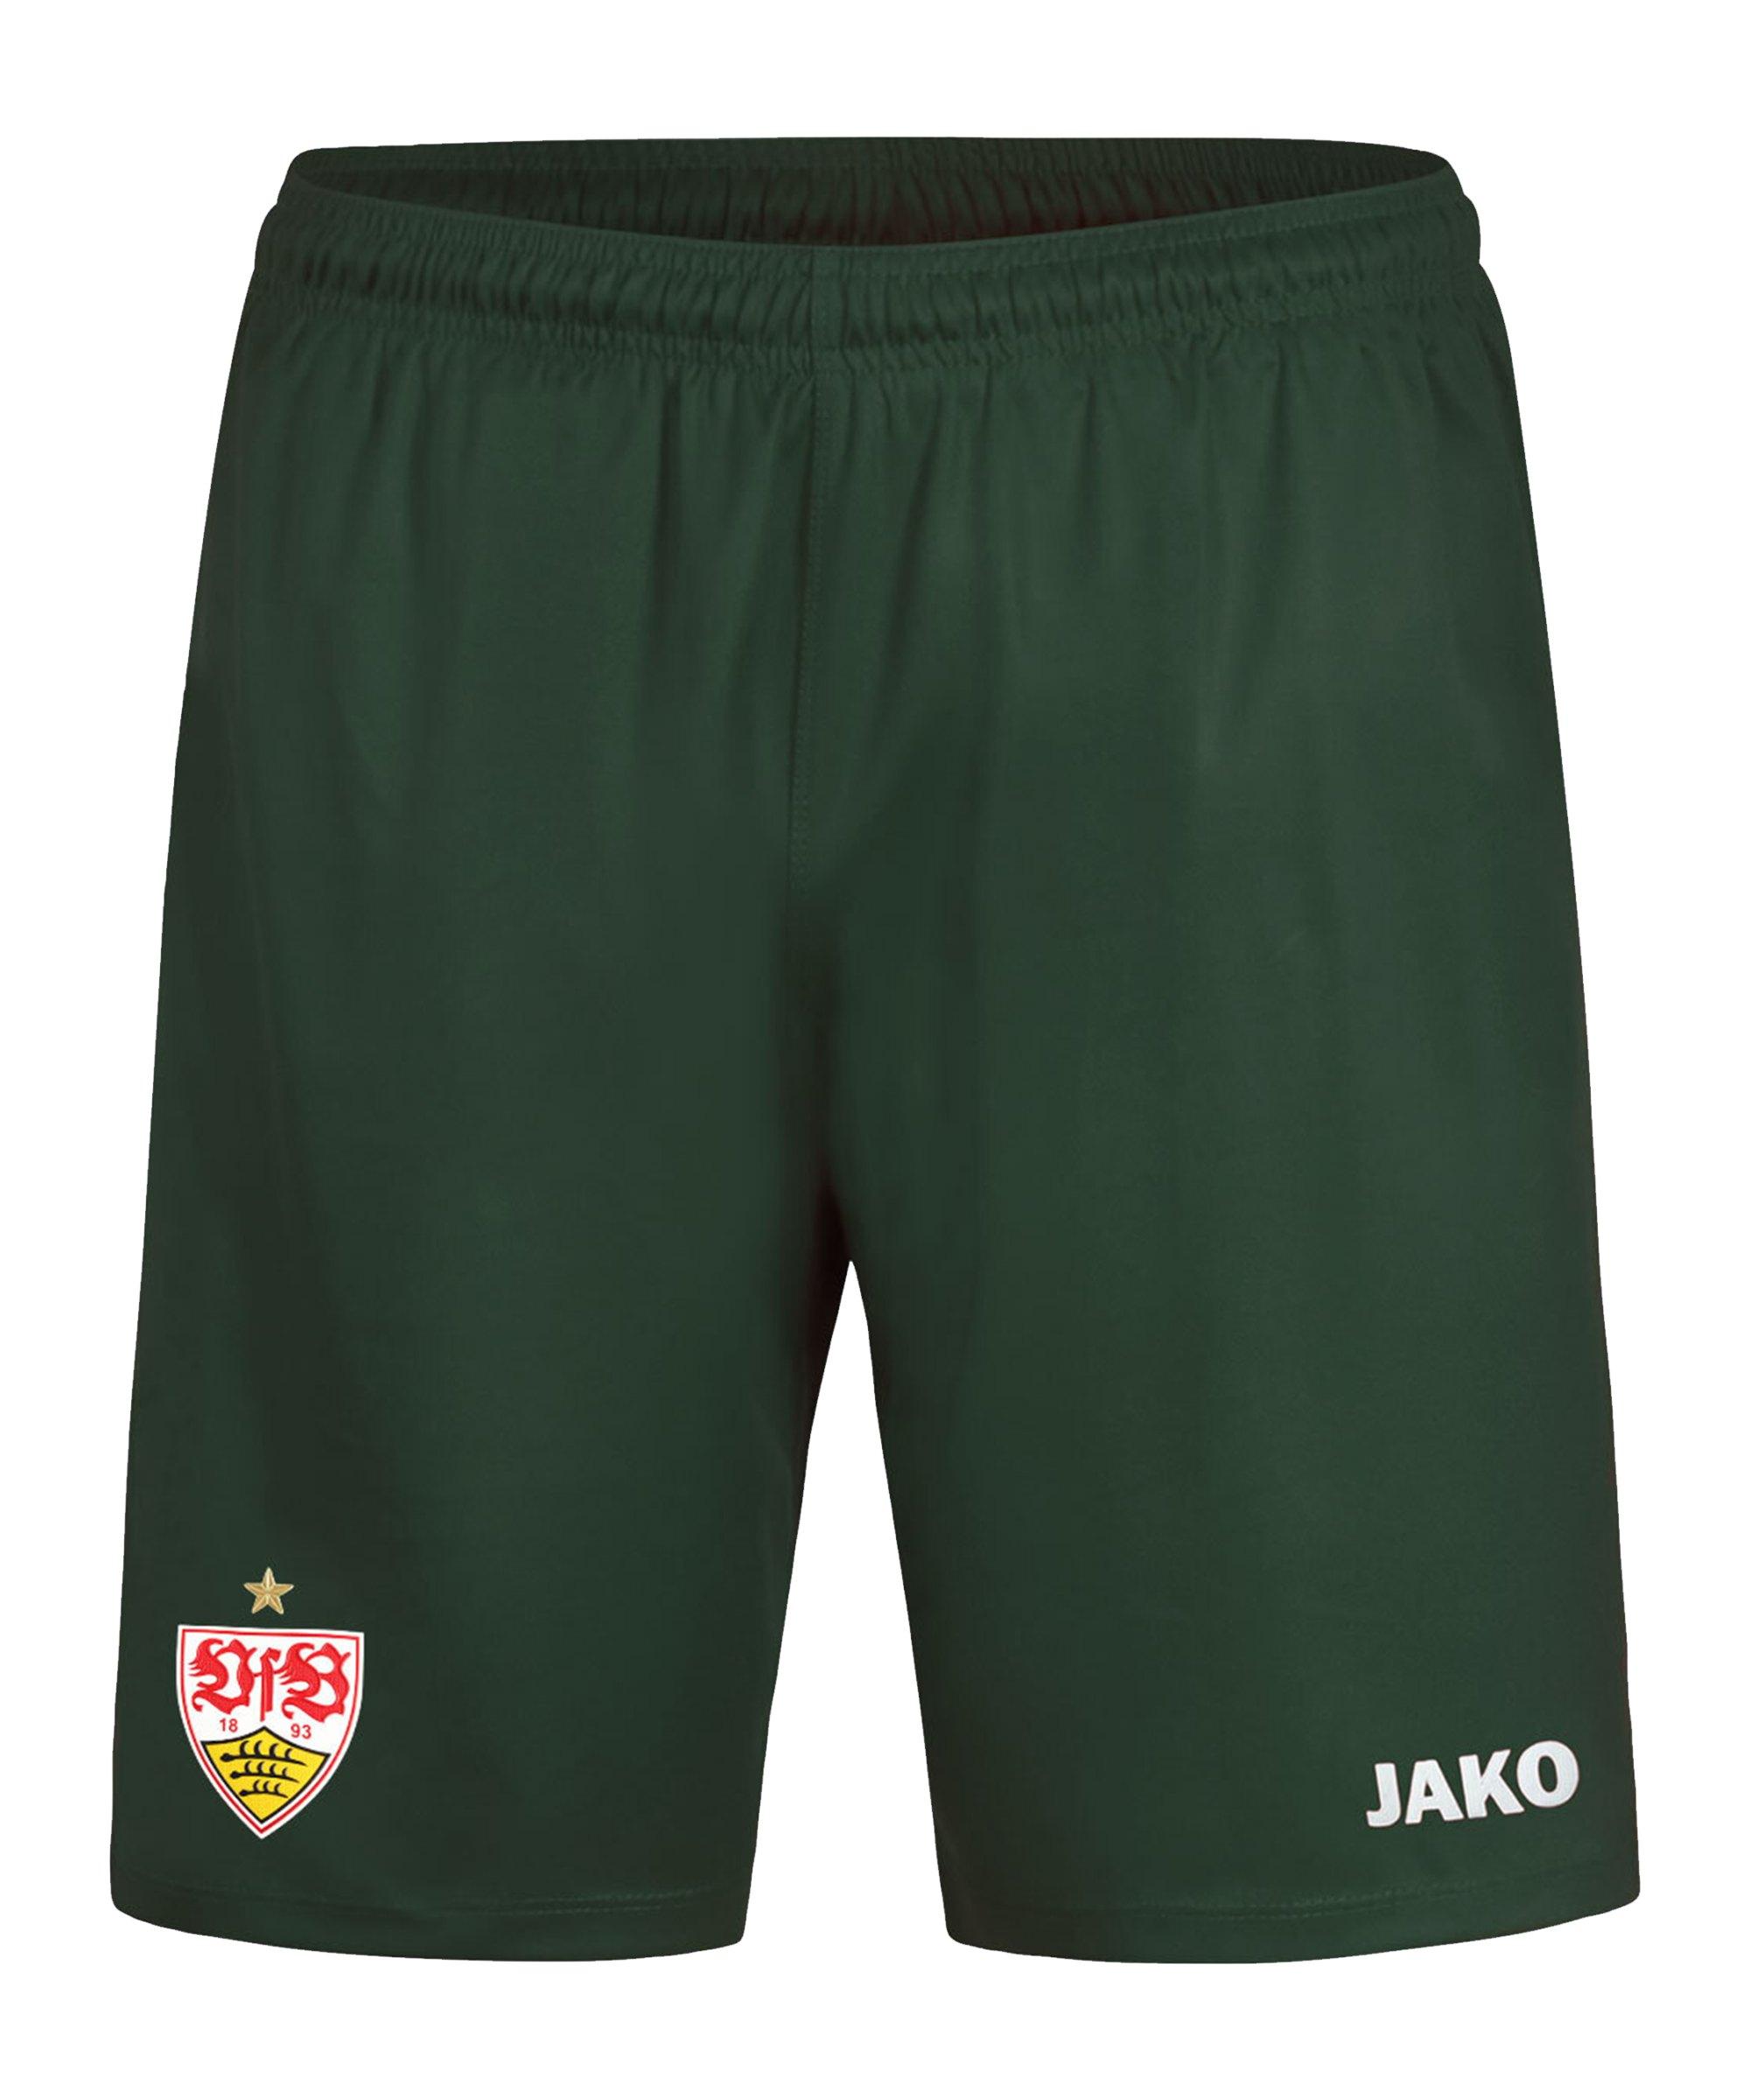 JAKO VfB Stuttgart Short 3rd 2020/2021 Kids Grün F28 - gruen